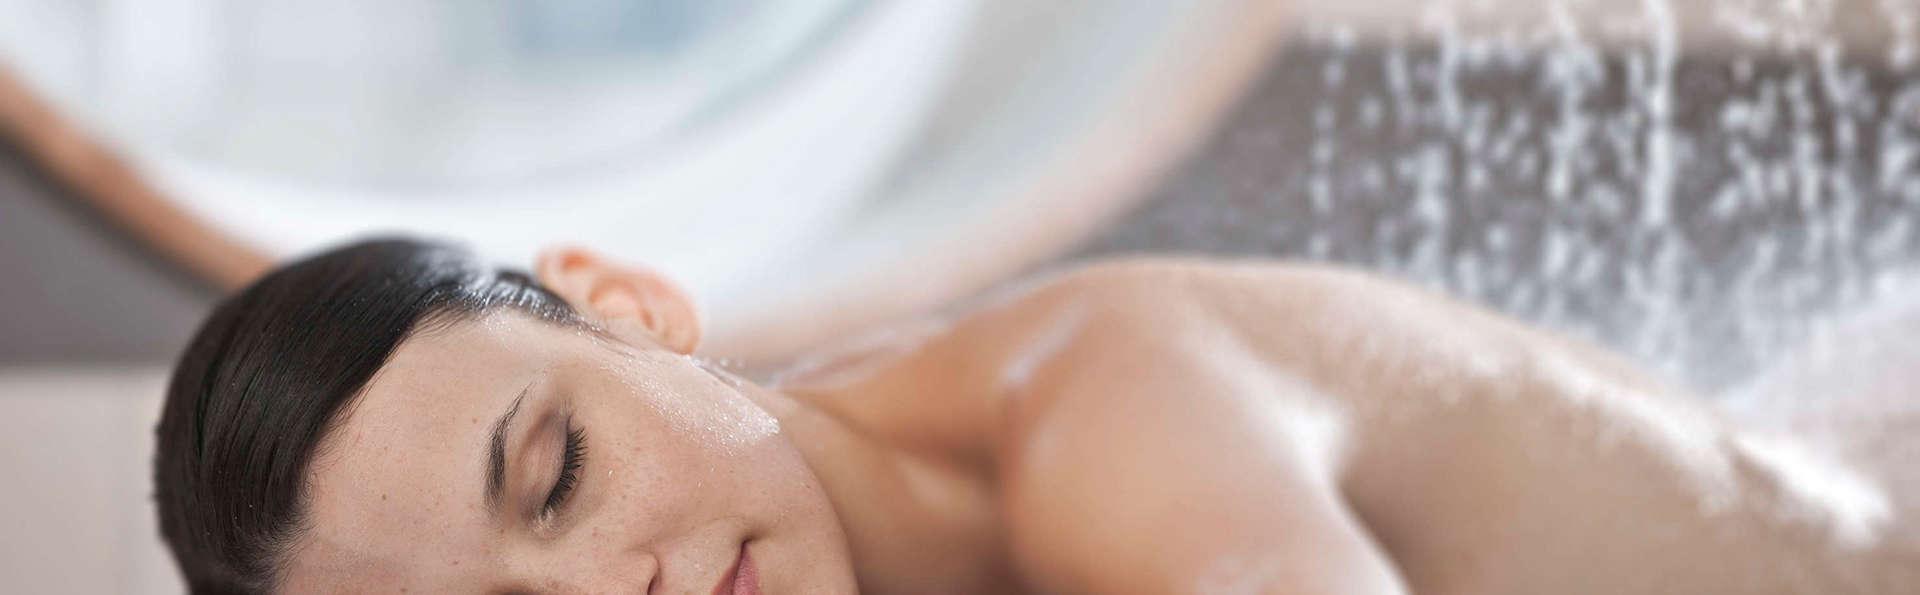 Week-end relaxant avec modelage du corps et accès thalasso sur l'Ile de Ré